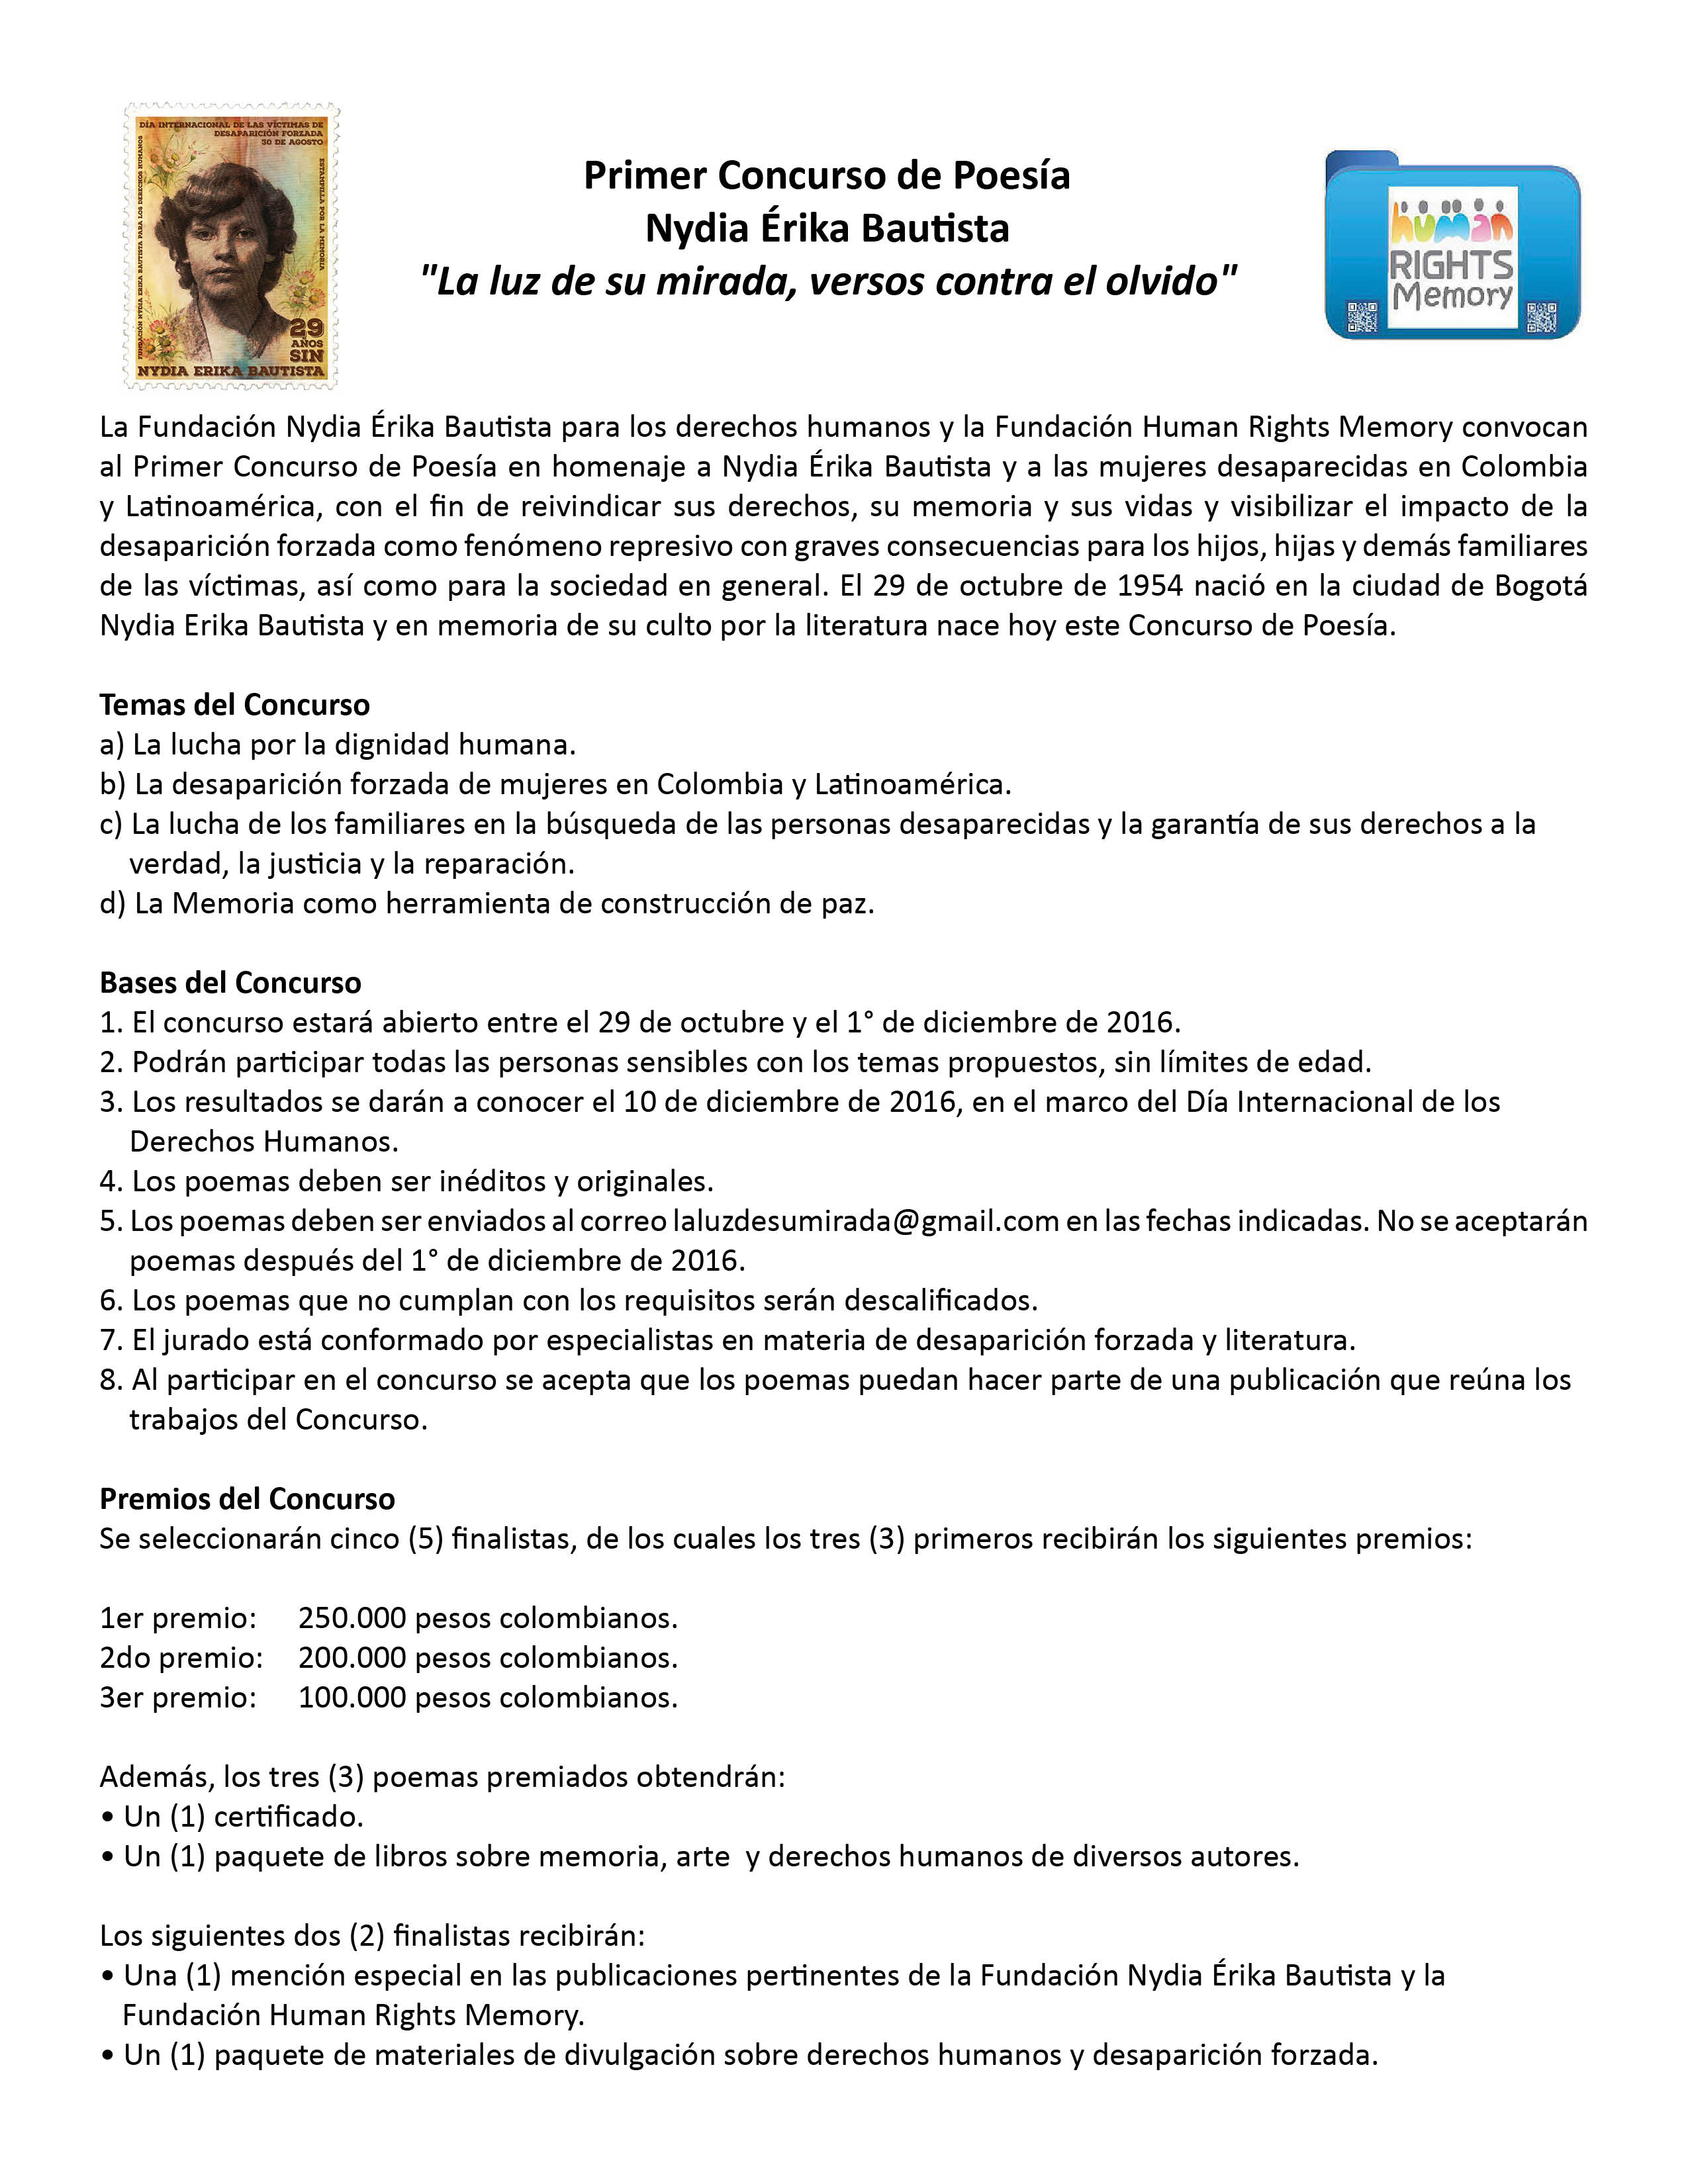 PRIMER CONCURSO DE POESÍA NYDIA ÉRIKA BAUTISTA (Colombia)